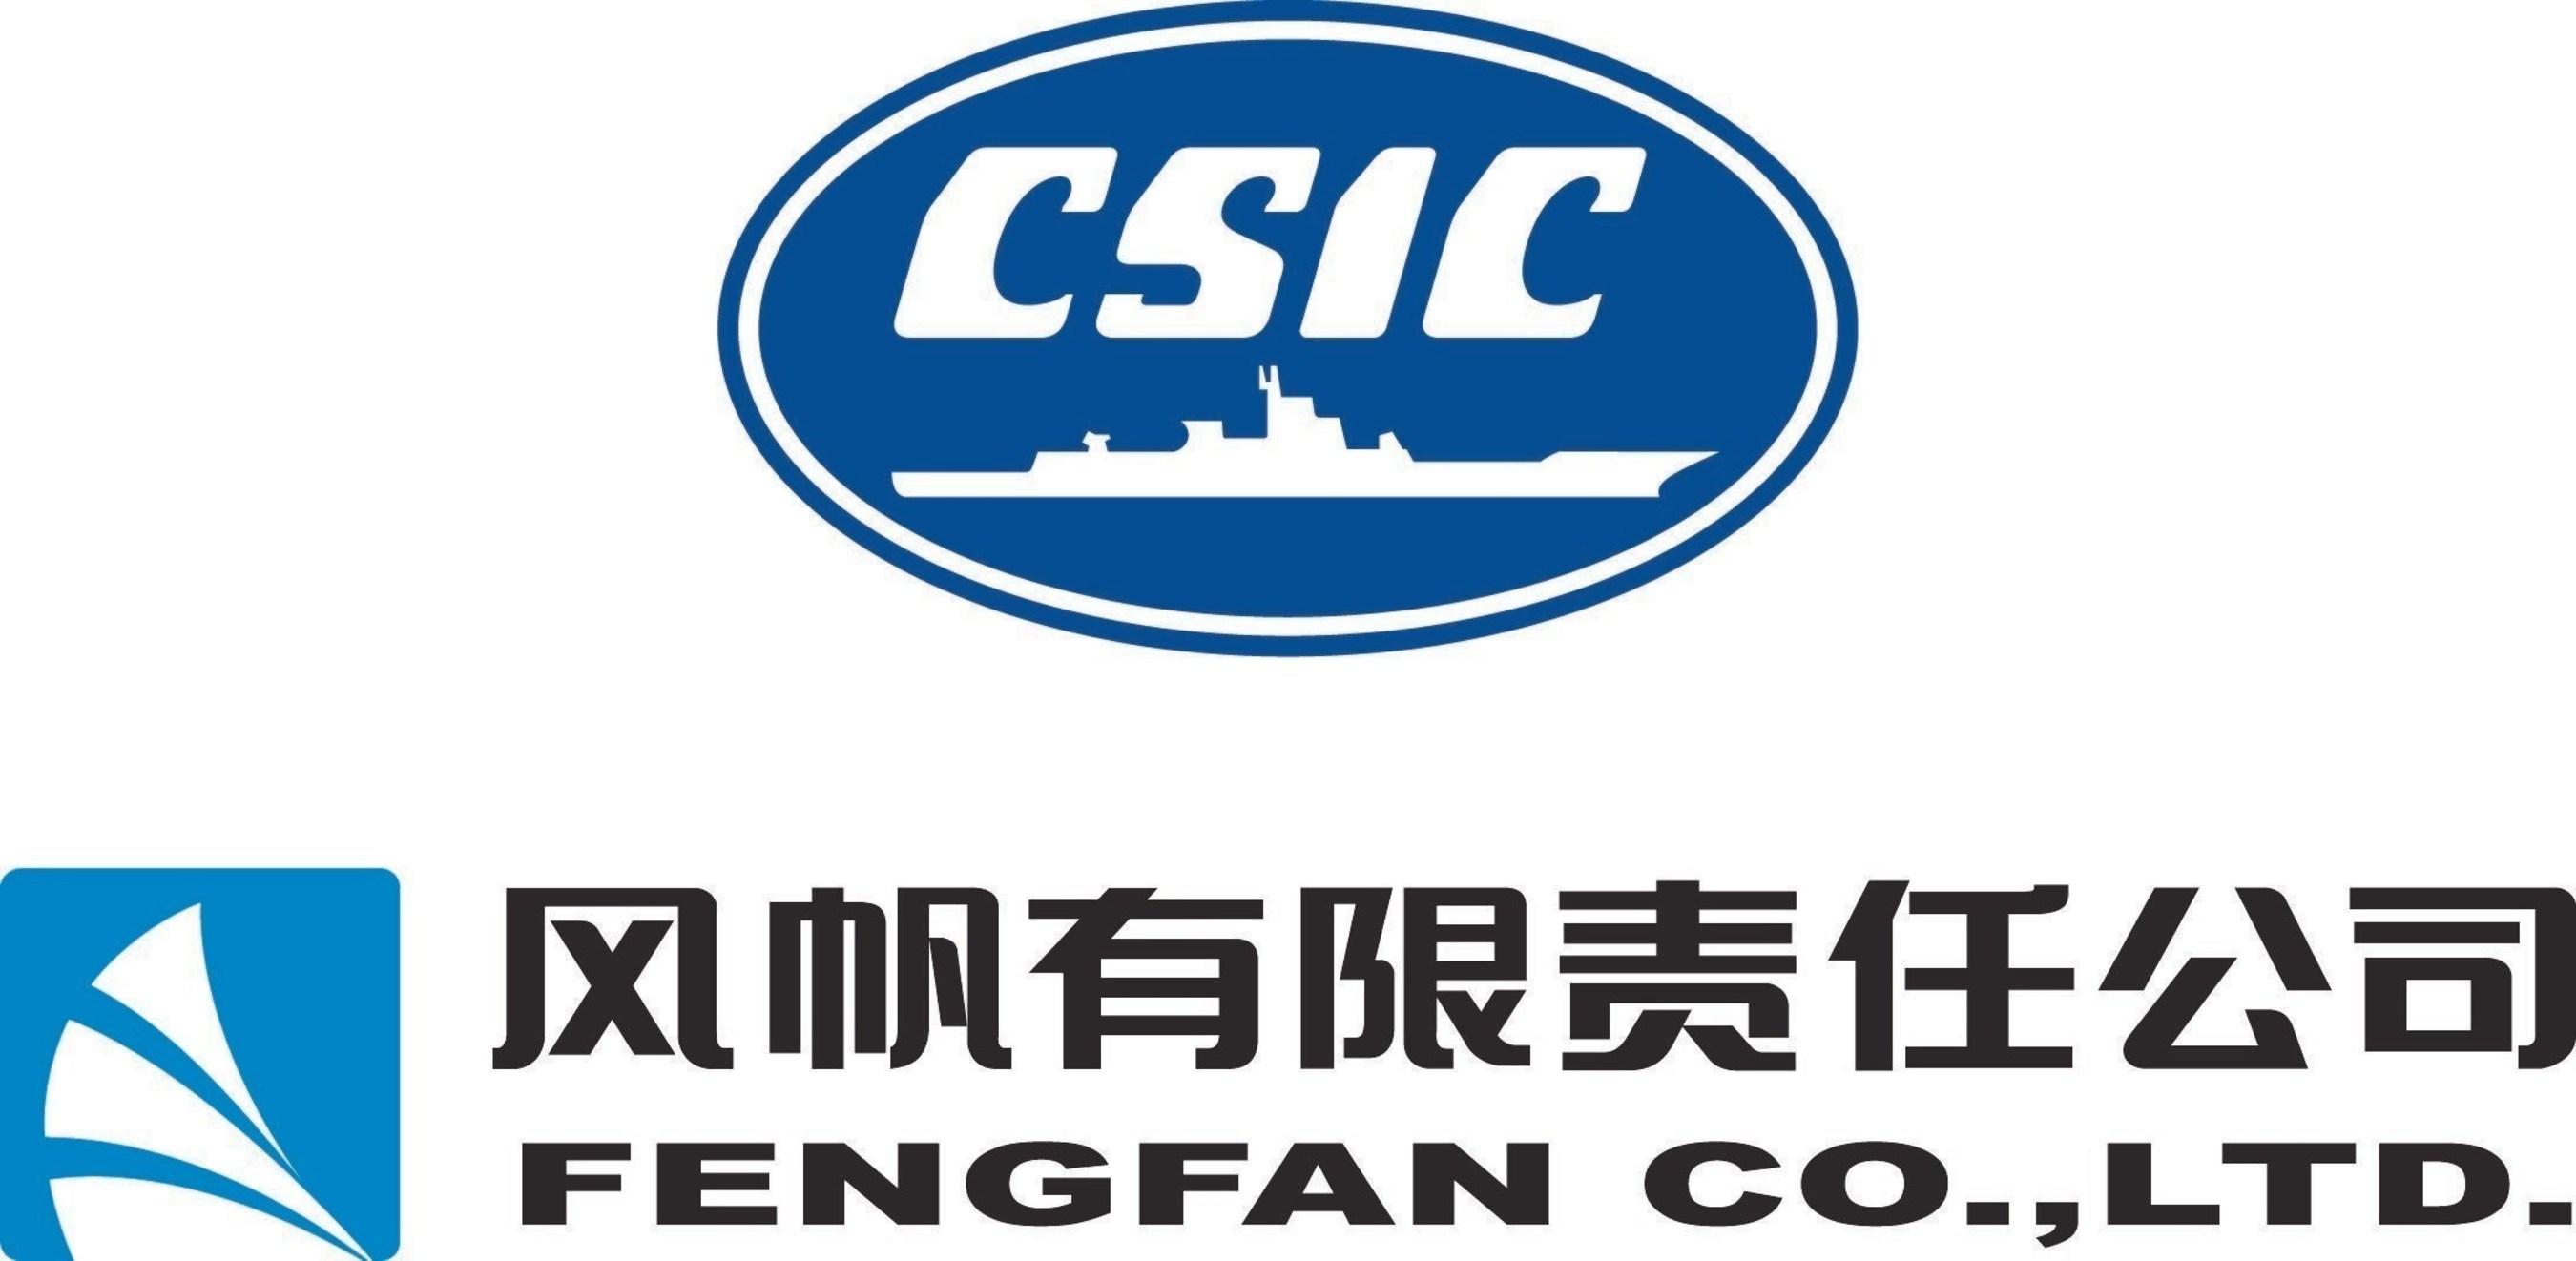 Fengfan Co. Ltd.